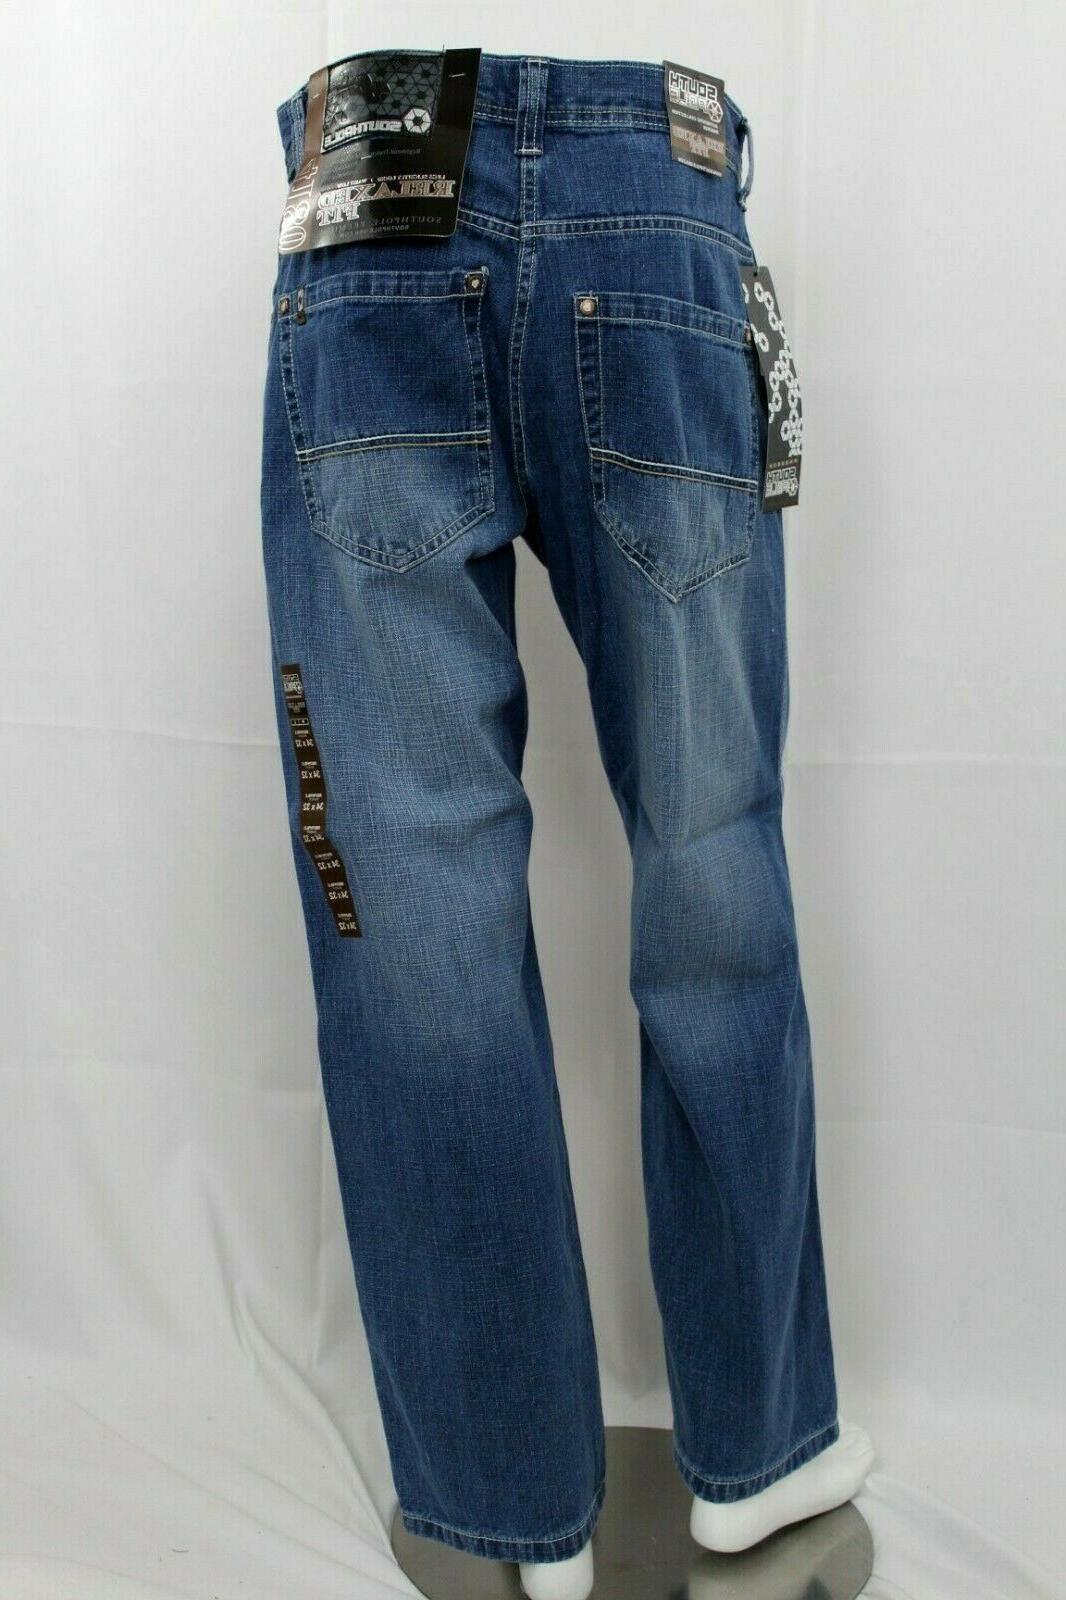 Pants 9007-4180 Big &Tall